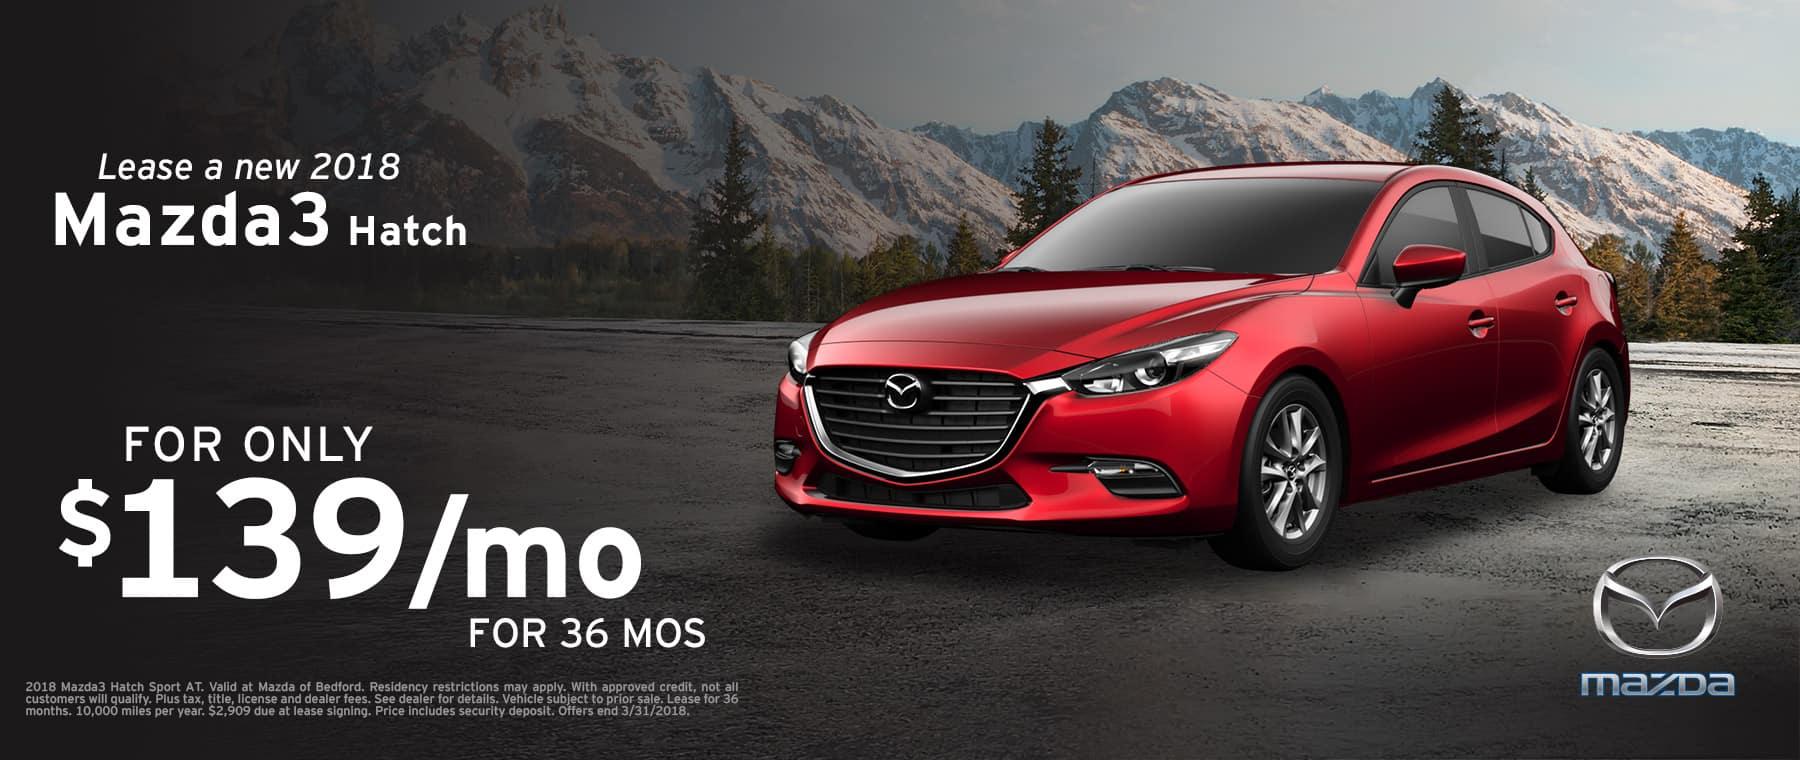 2018 Mazda3 Hatchback Special